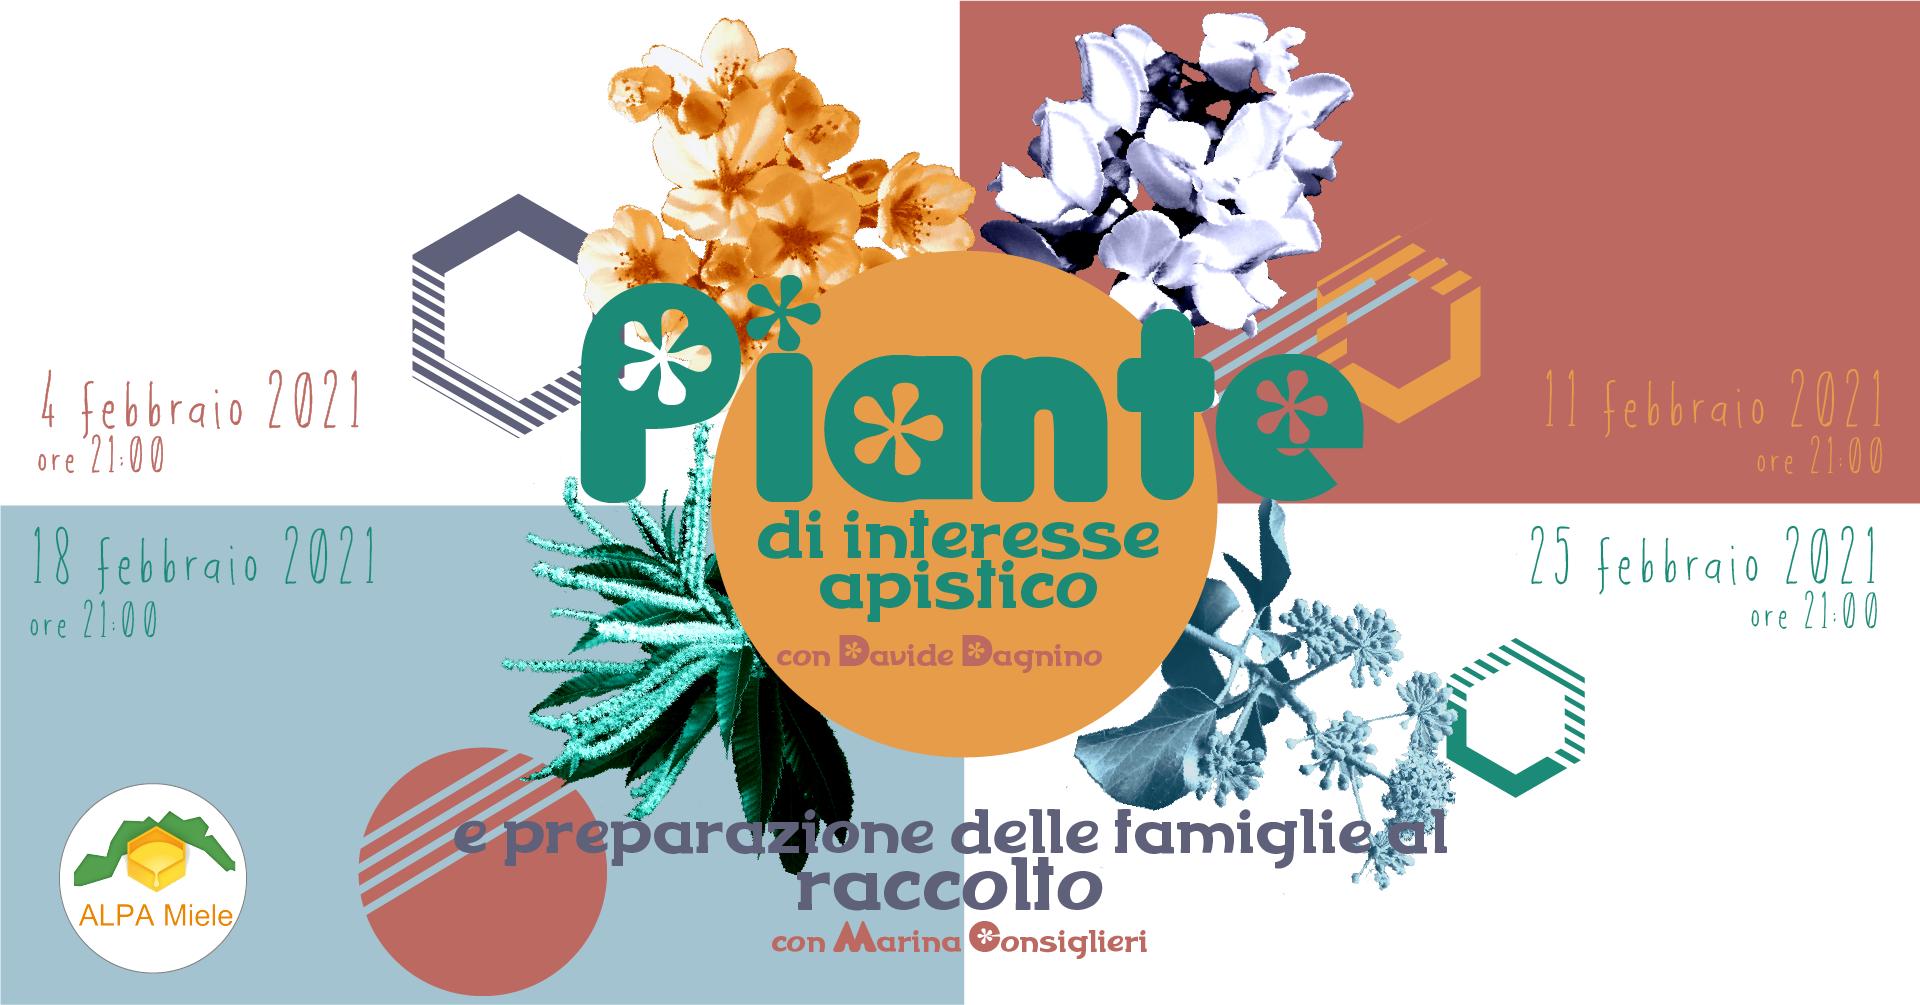 Corso Flora Apistica e Preparazione Famiglie